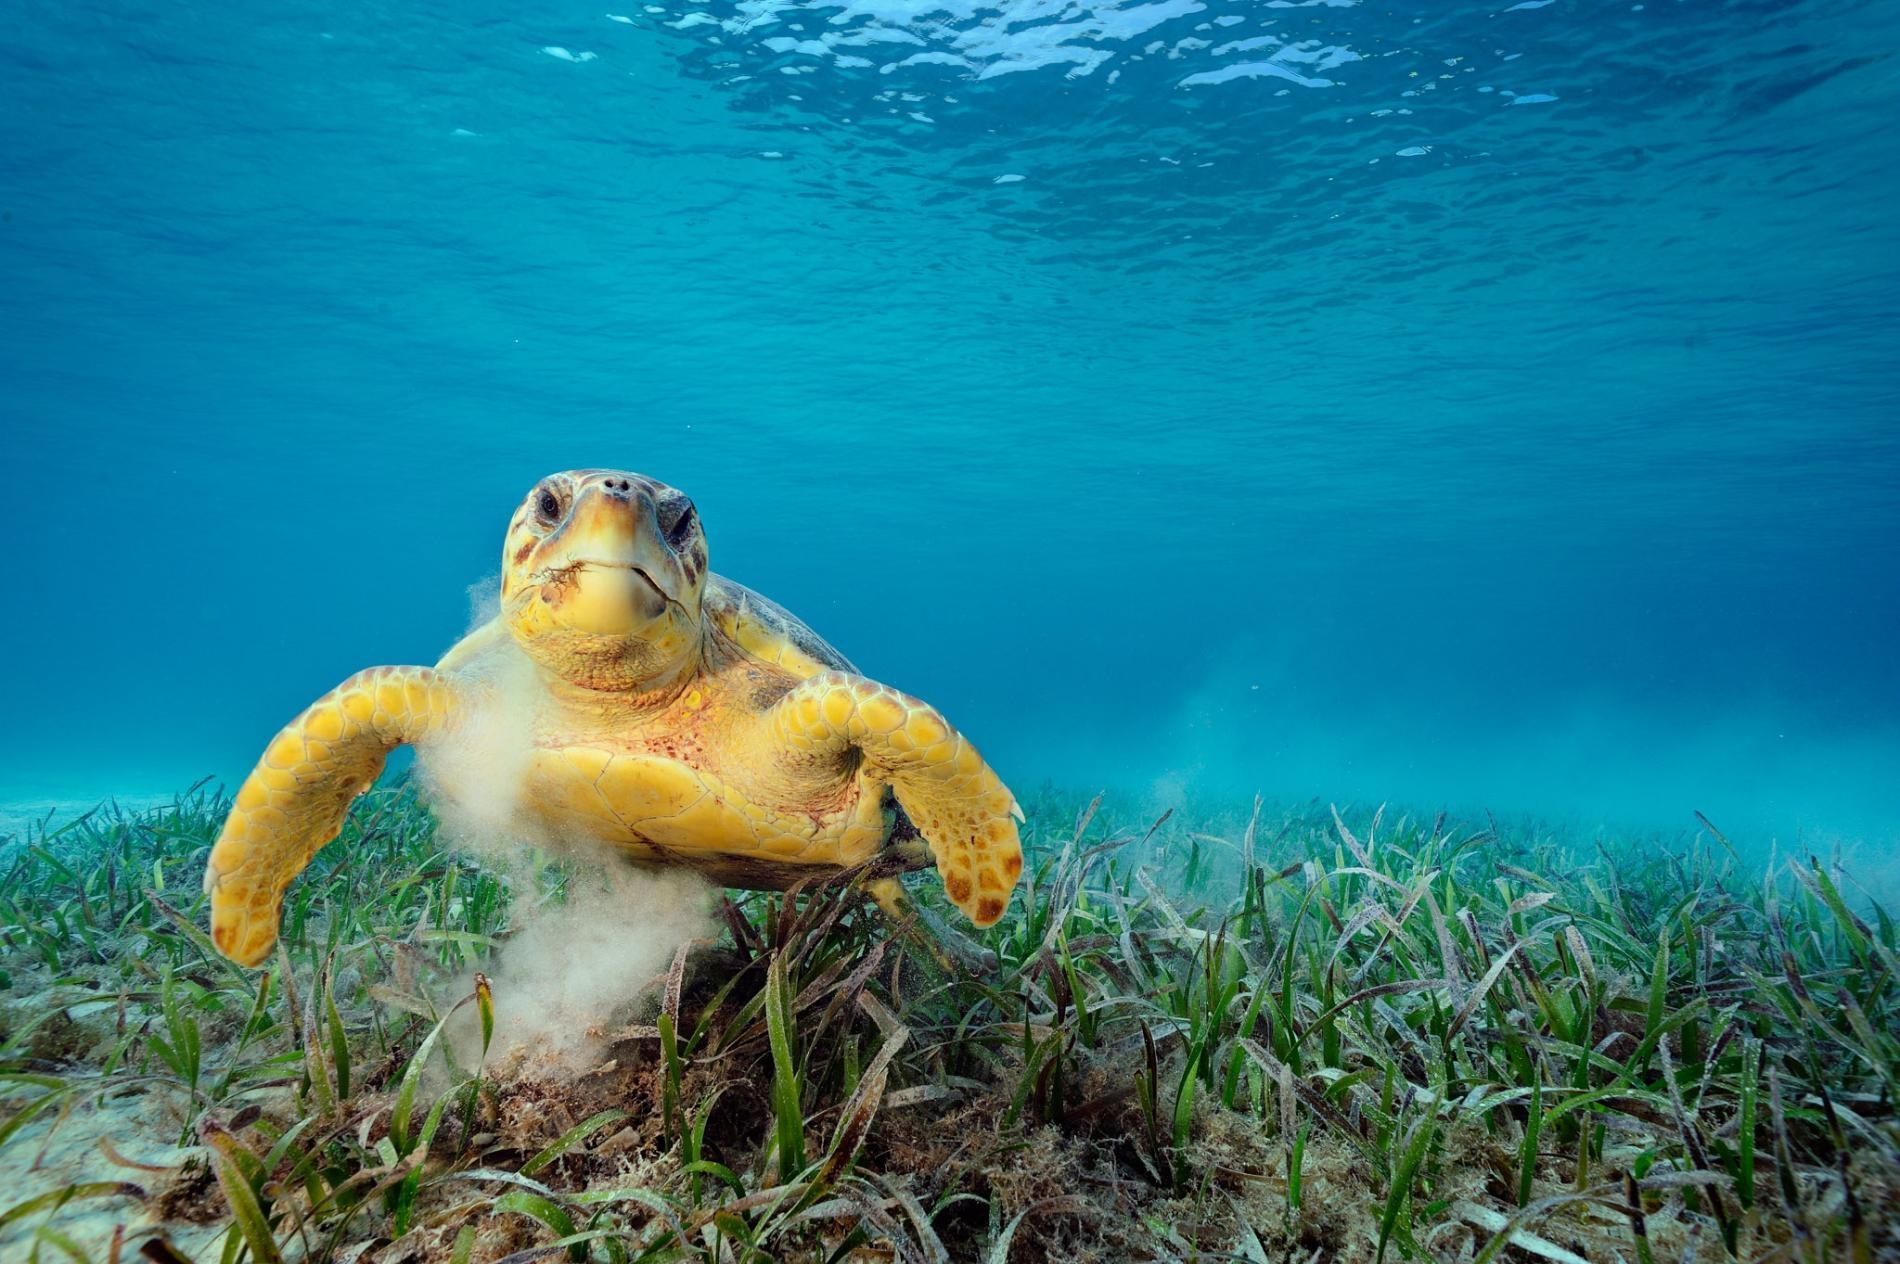 一隻赤蠵龜在吃海草。這種動物會攪起海床泥沙,能將數萬隻搭便車的微小動物載到自己身上,例如線蟲、甲殼類、水螅。PHOTOGRAPH BY BRIAN SKERRY, NAT GEO IMAGE COLLECTION